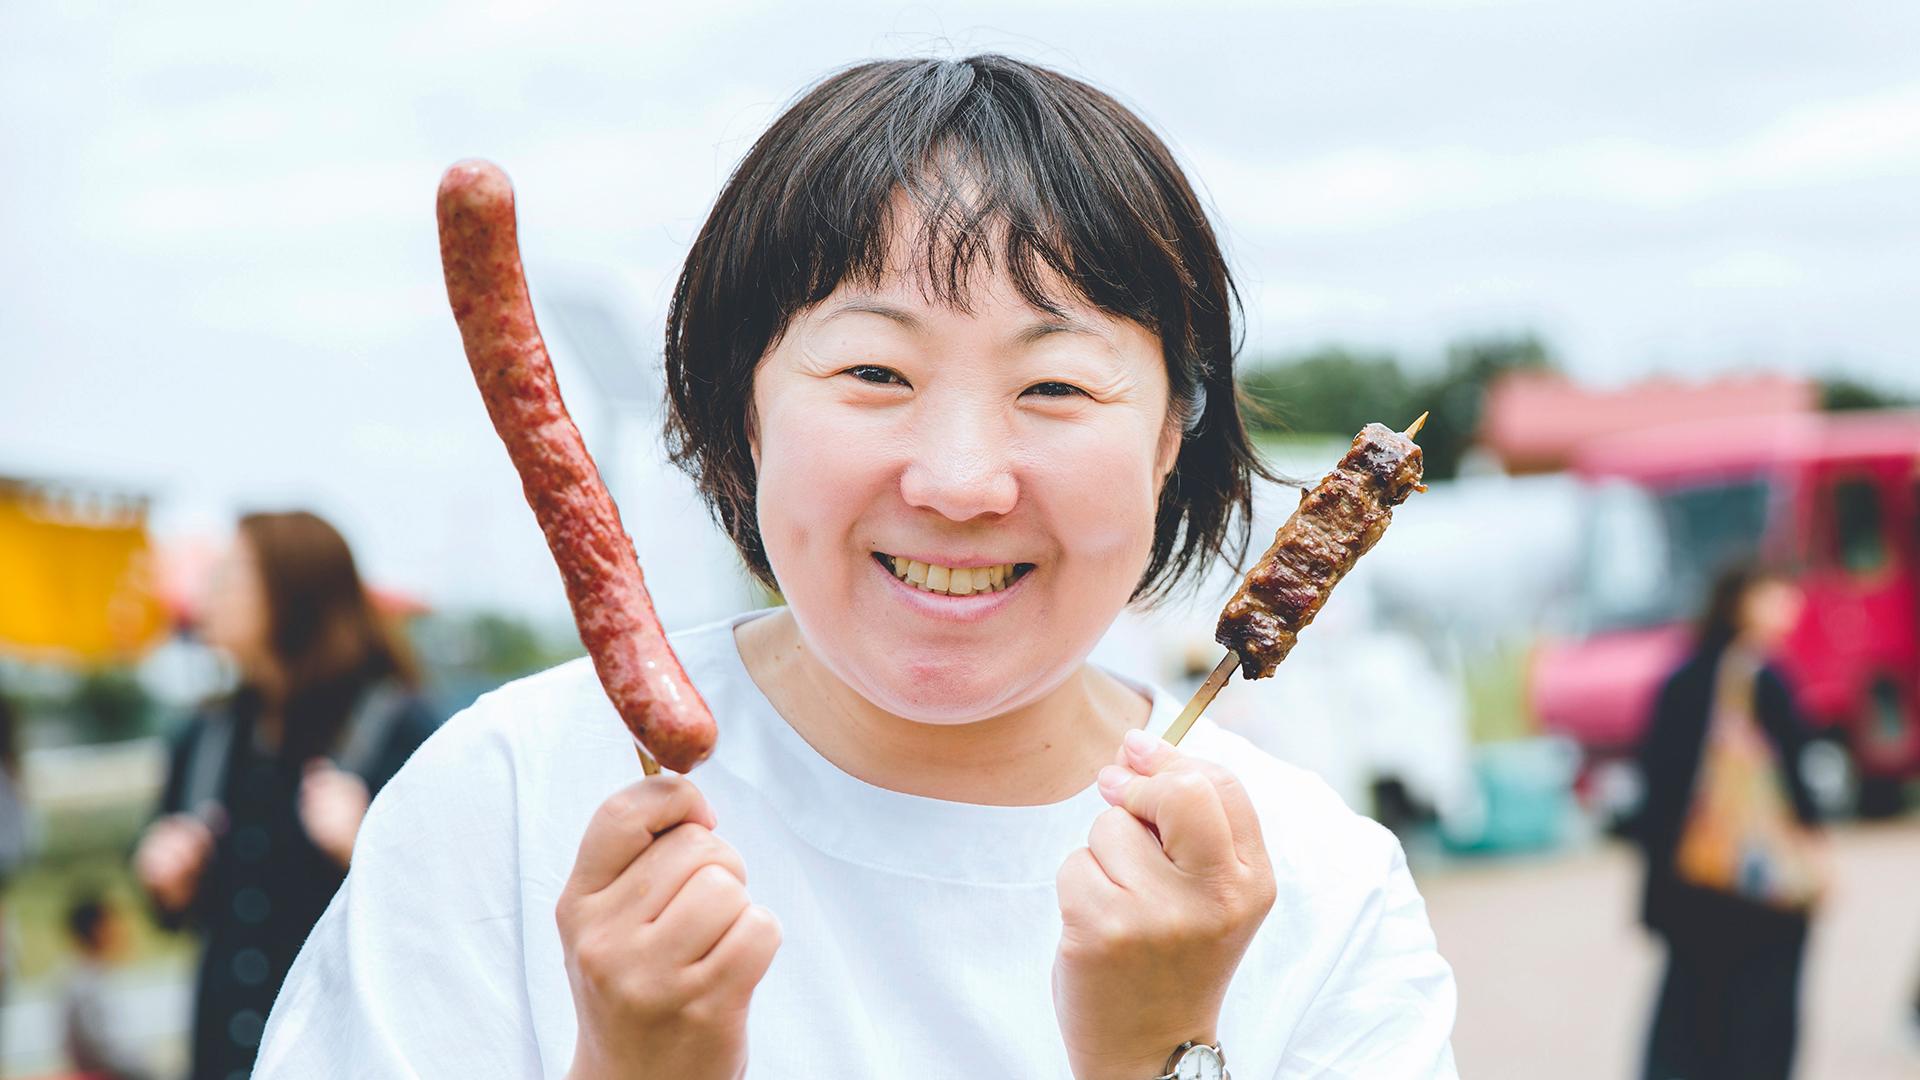 8月2日(金)〜4日(日)開催の「杜の感謝祭2019」をご紹介します♪